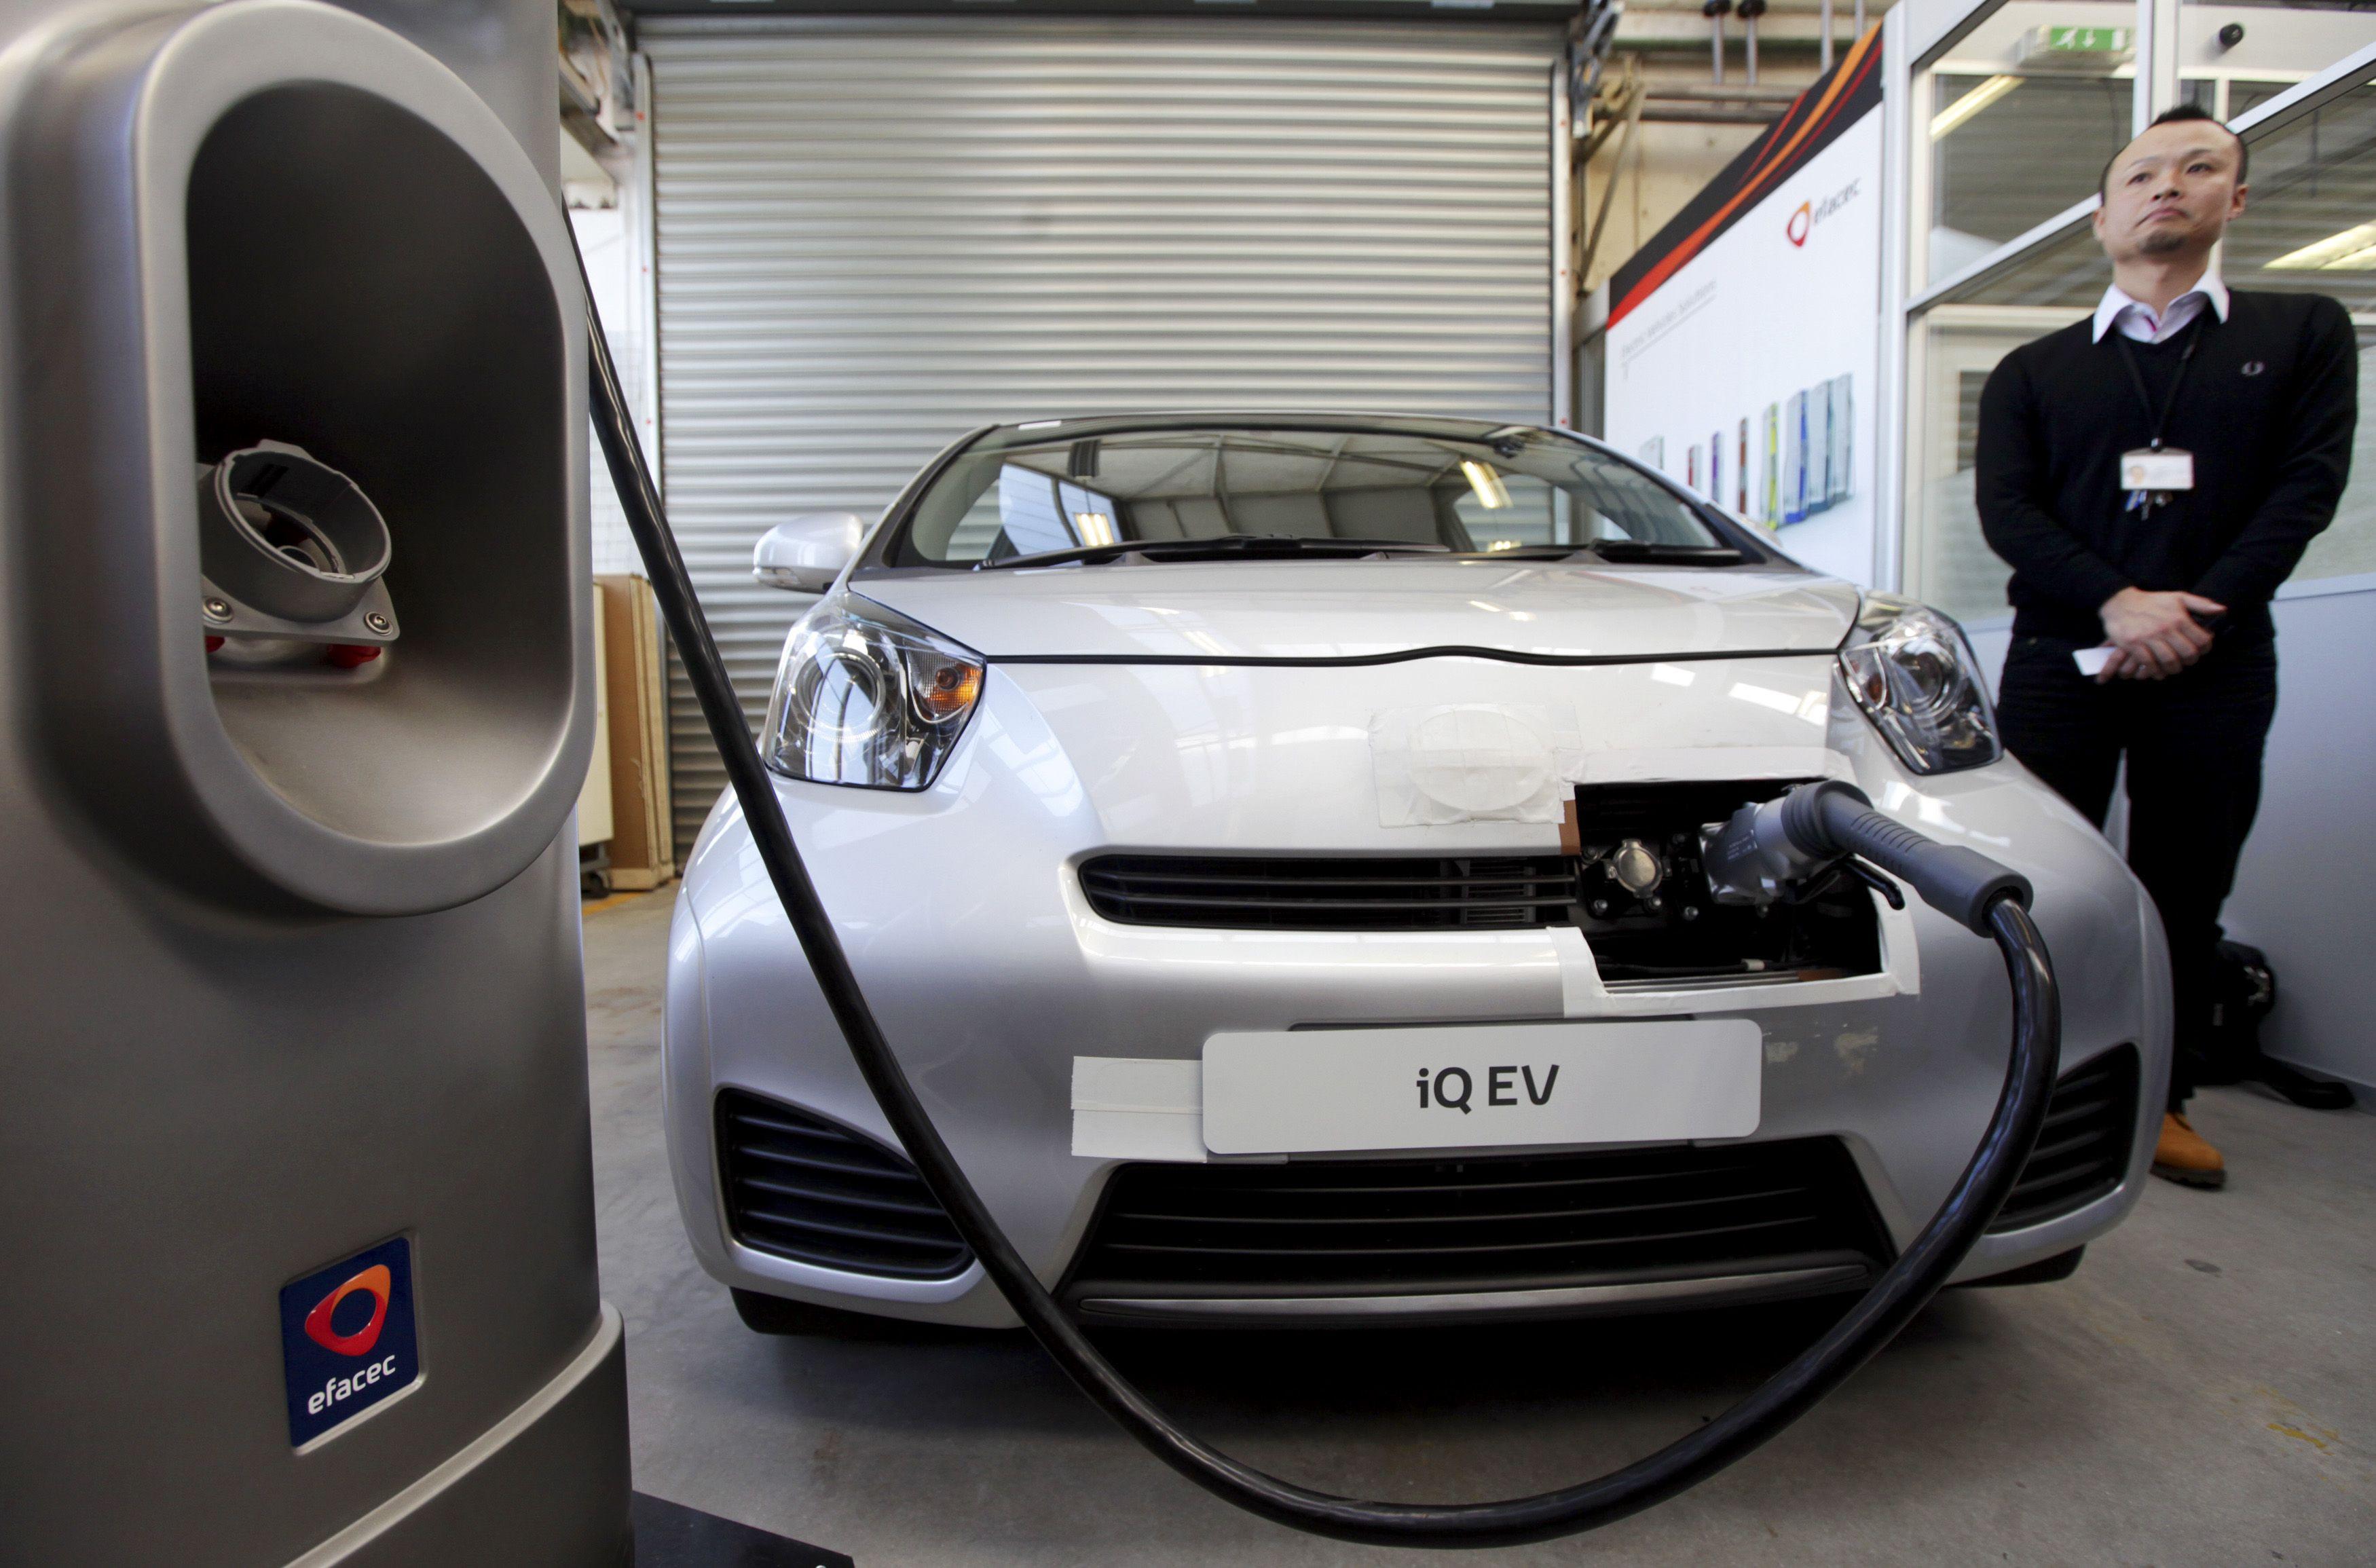 """Venda de carros elétricos com crescimento """"exponencial"""" este ano"""